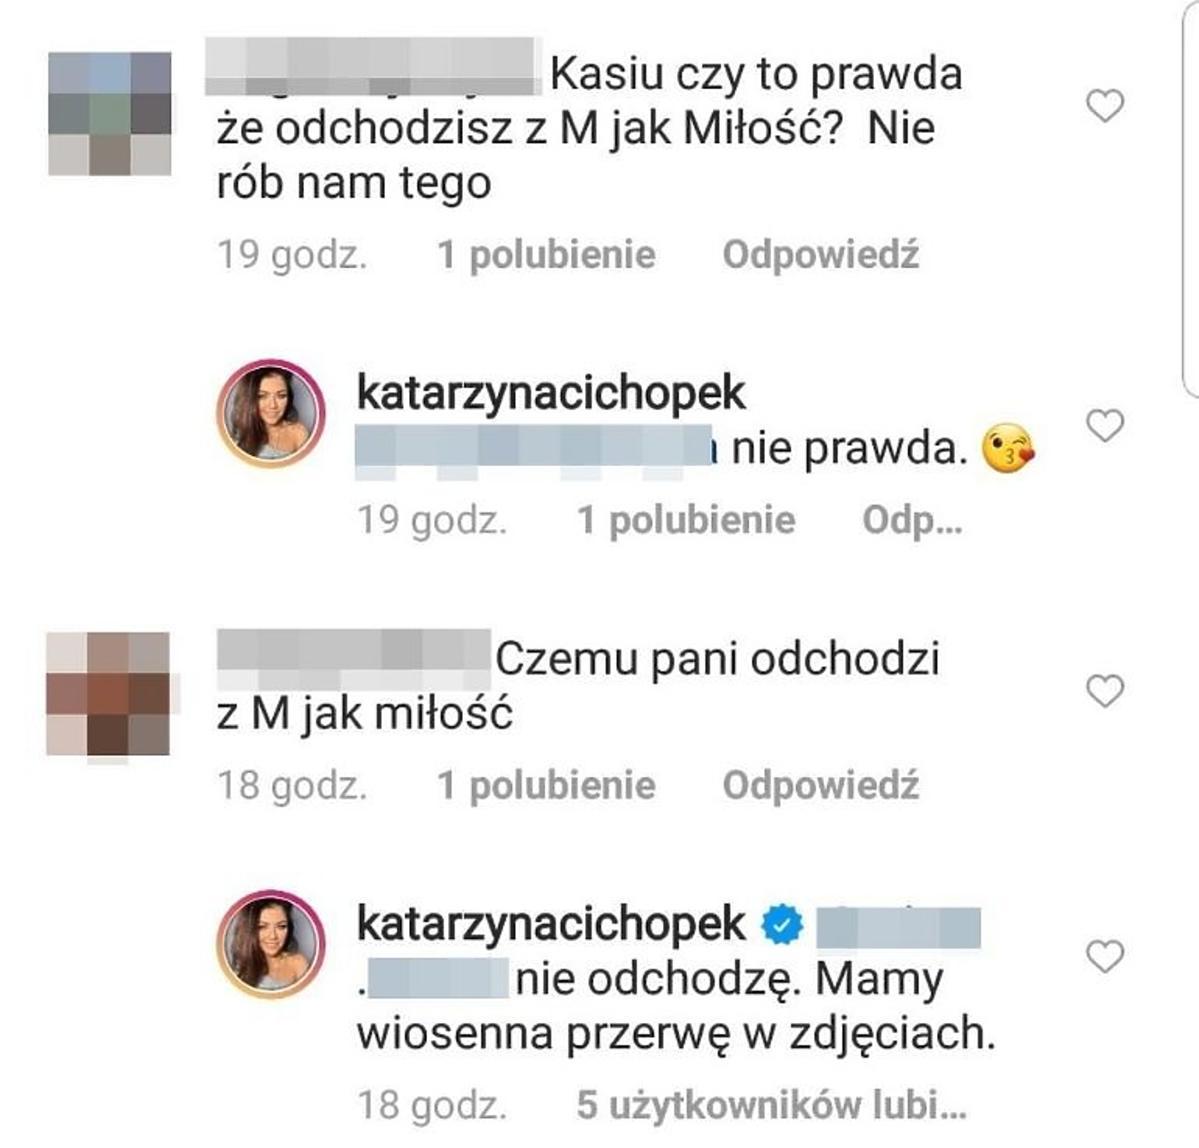 Katarzyna Cichopek odpowiada na pytania fanów- komentarze